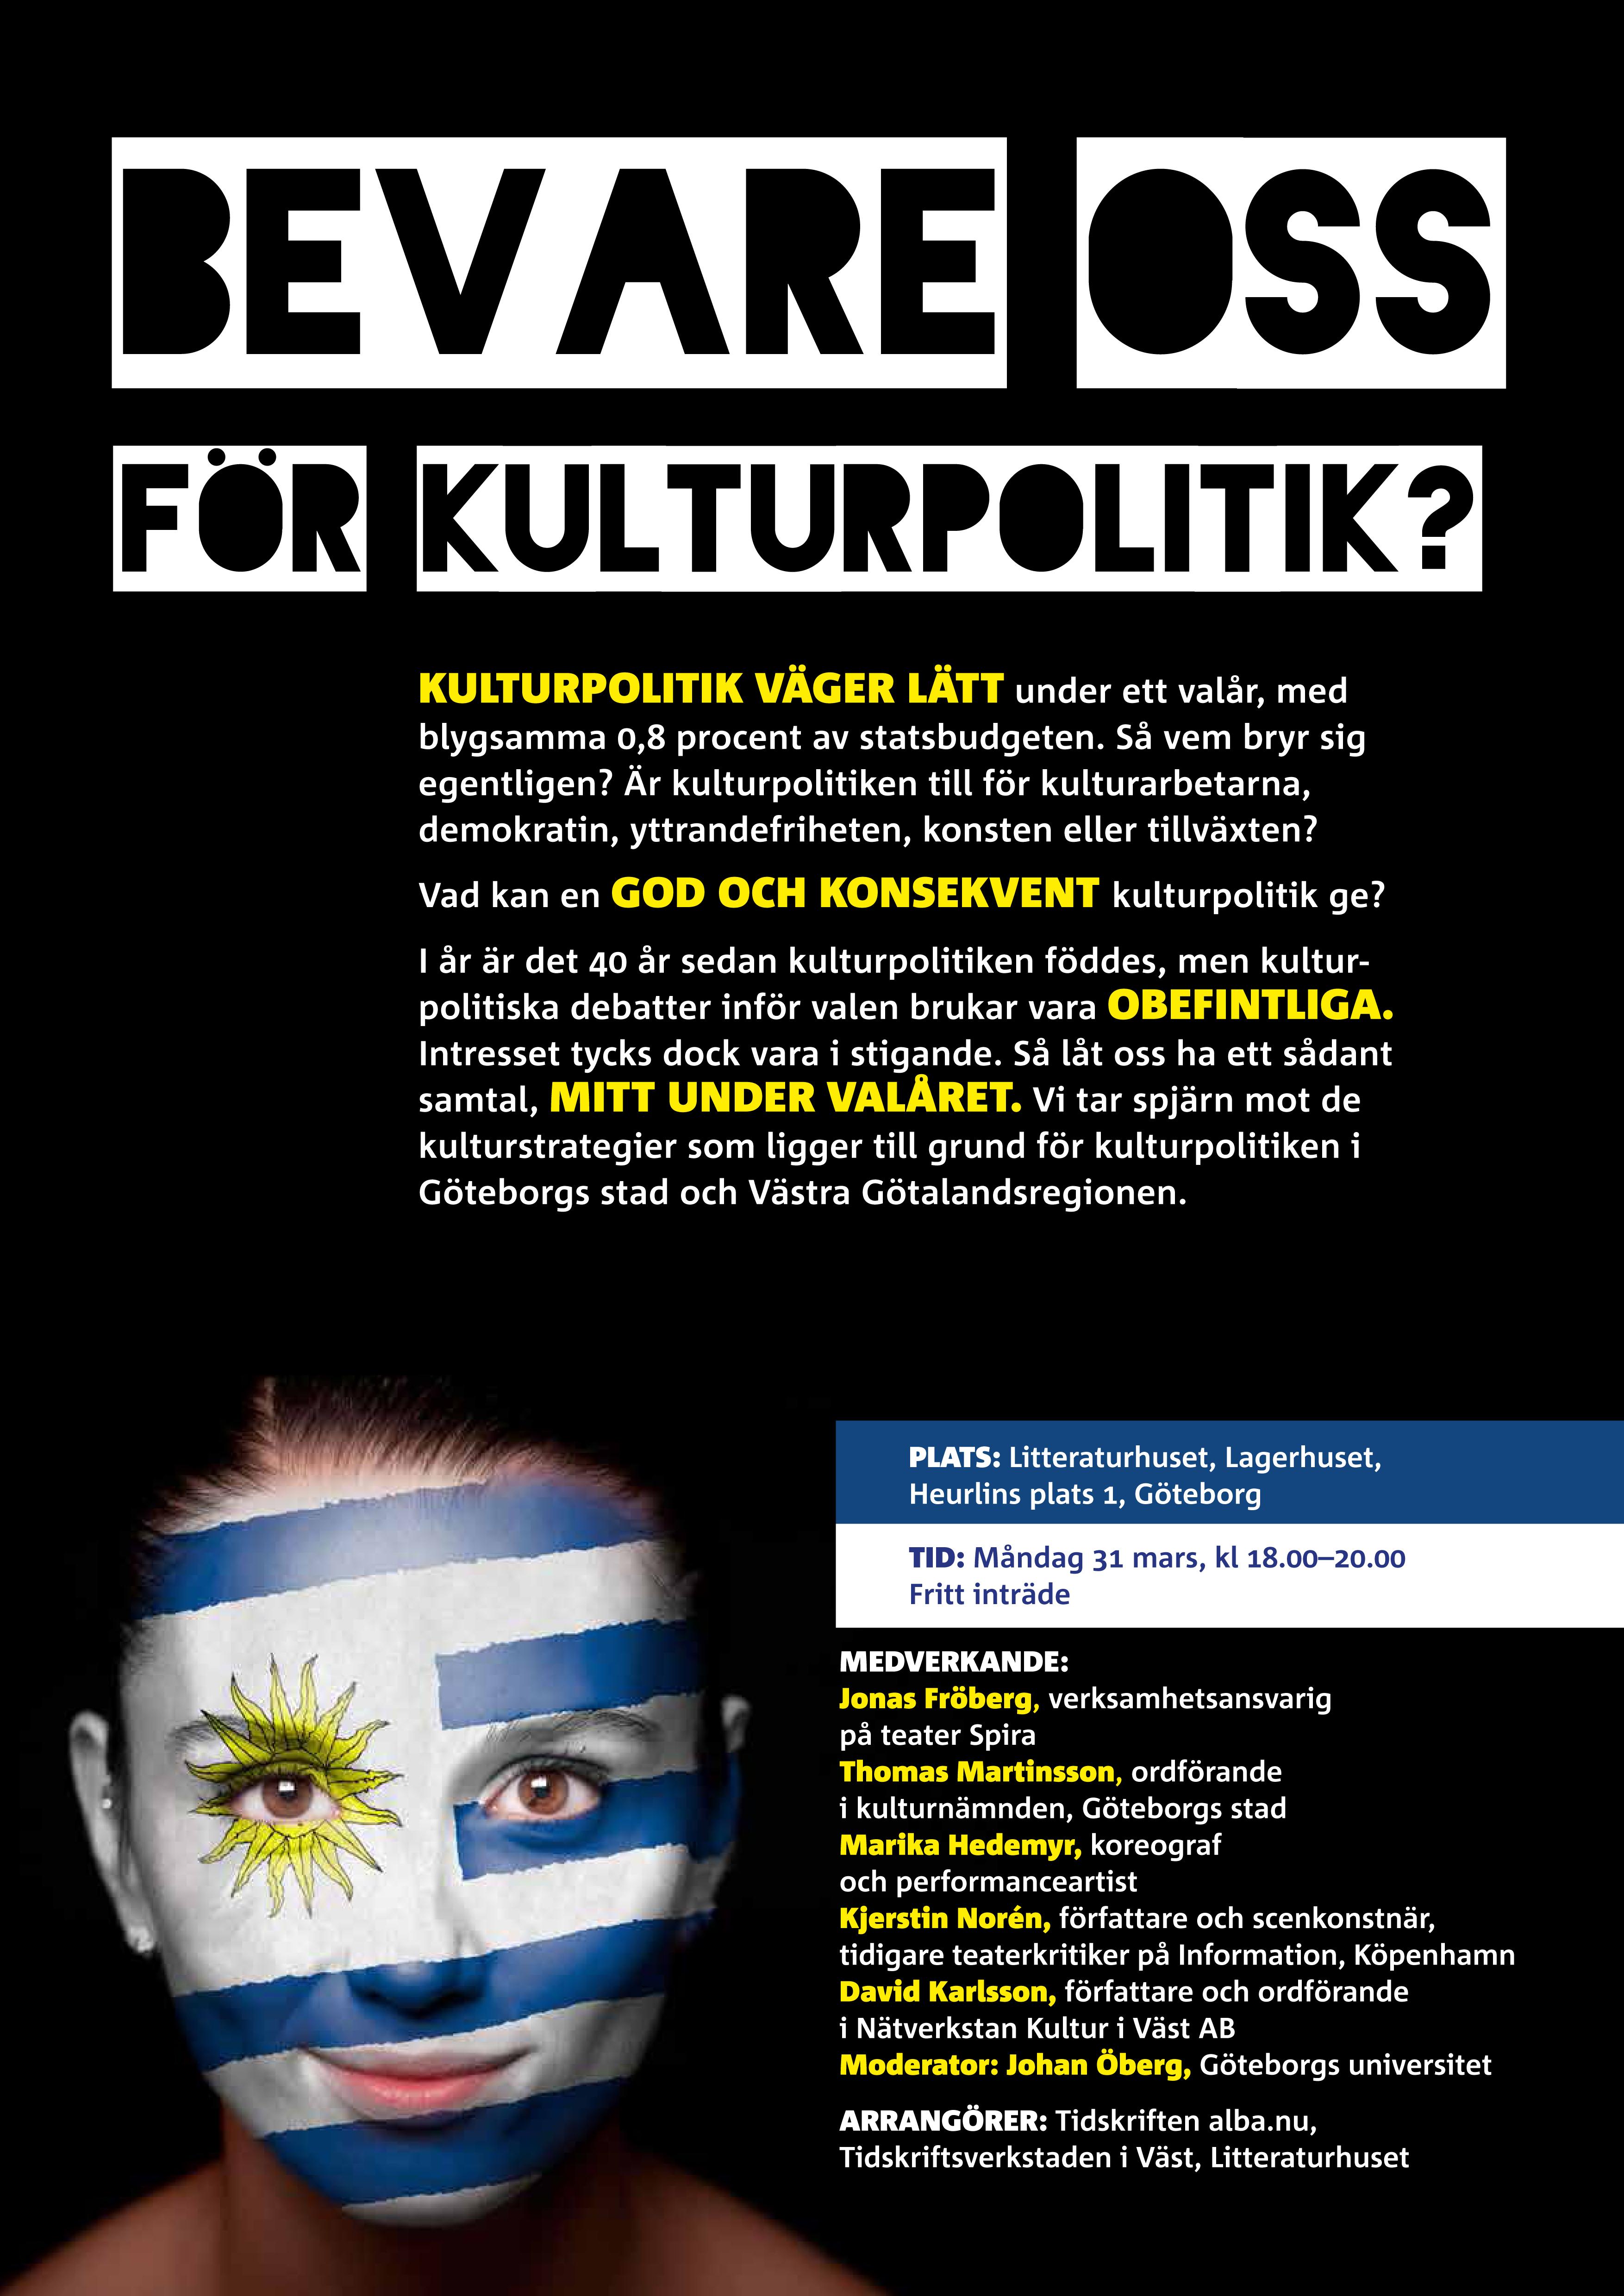 Bevare oss för kulturpolitik?